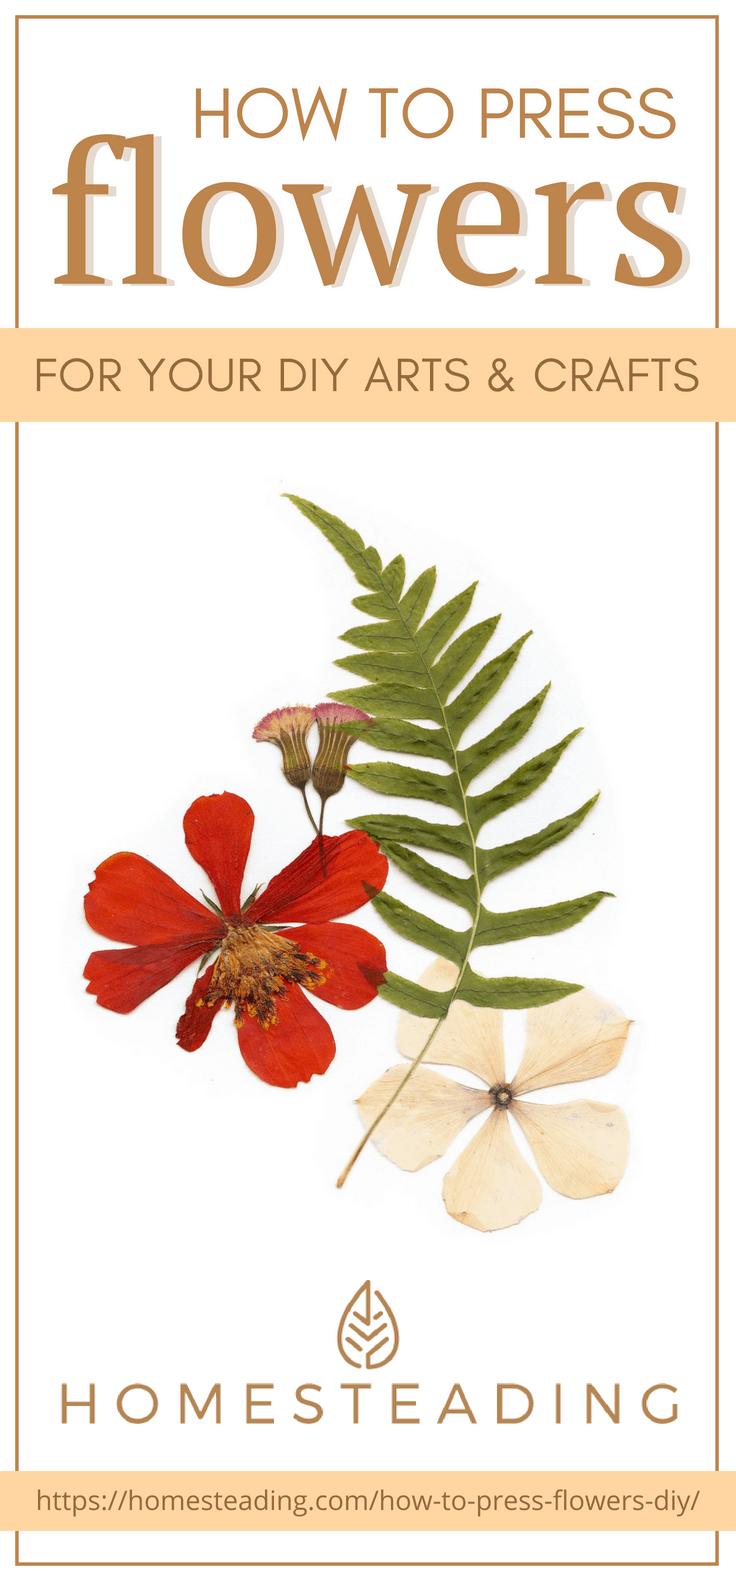 نحوه فشار دادن گل برای صنایع دستی گل خشک و گیاهان دارویی